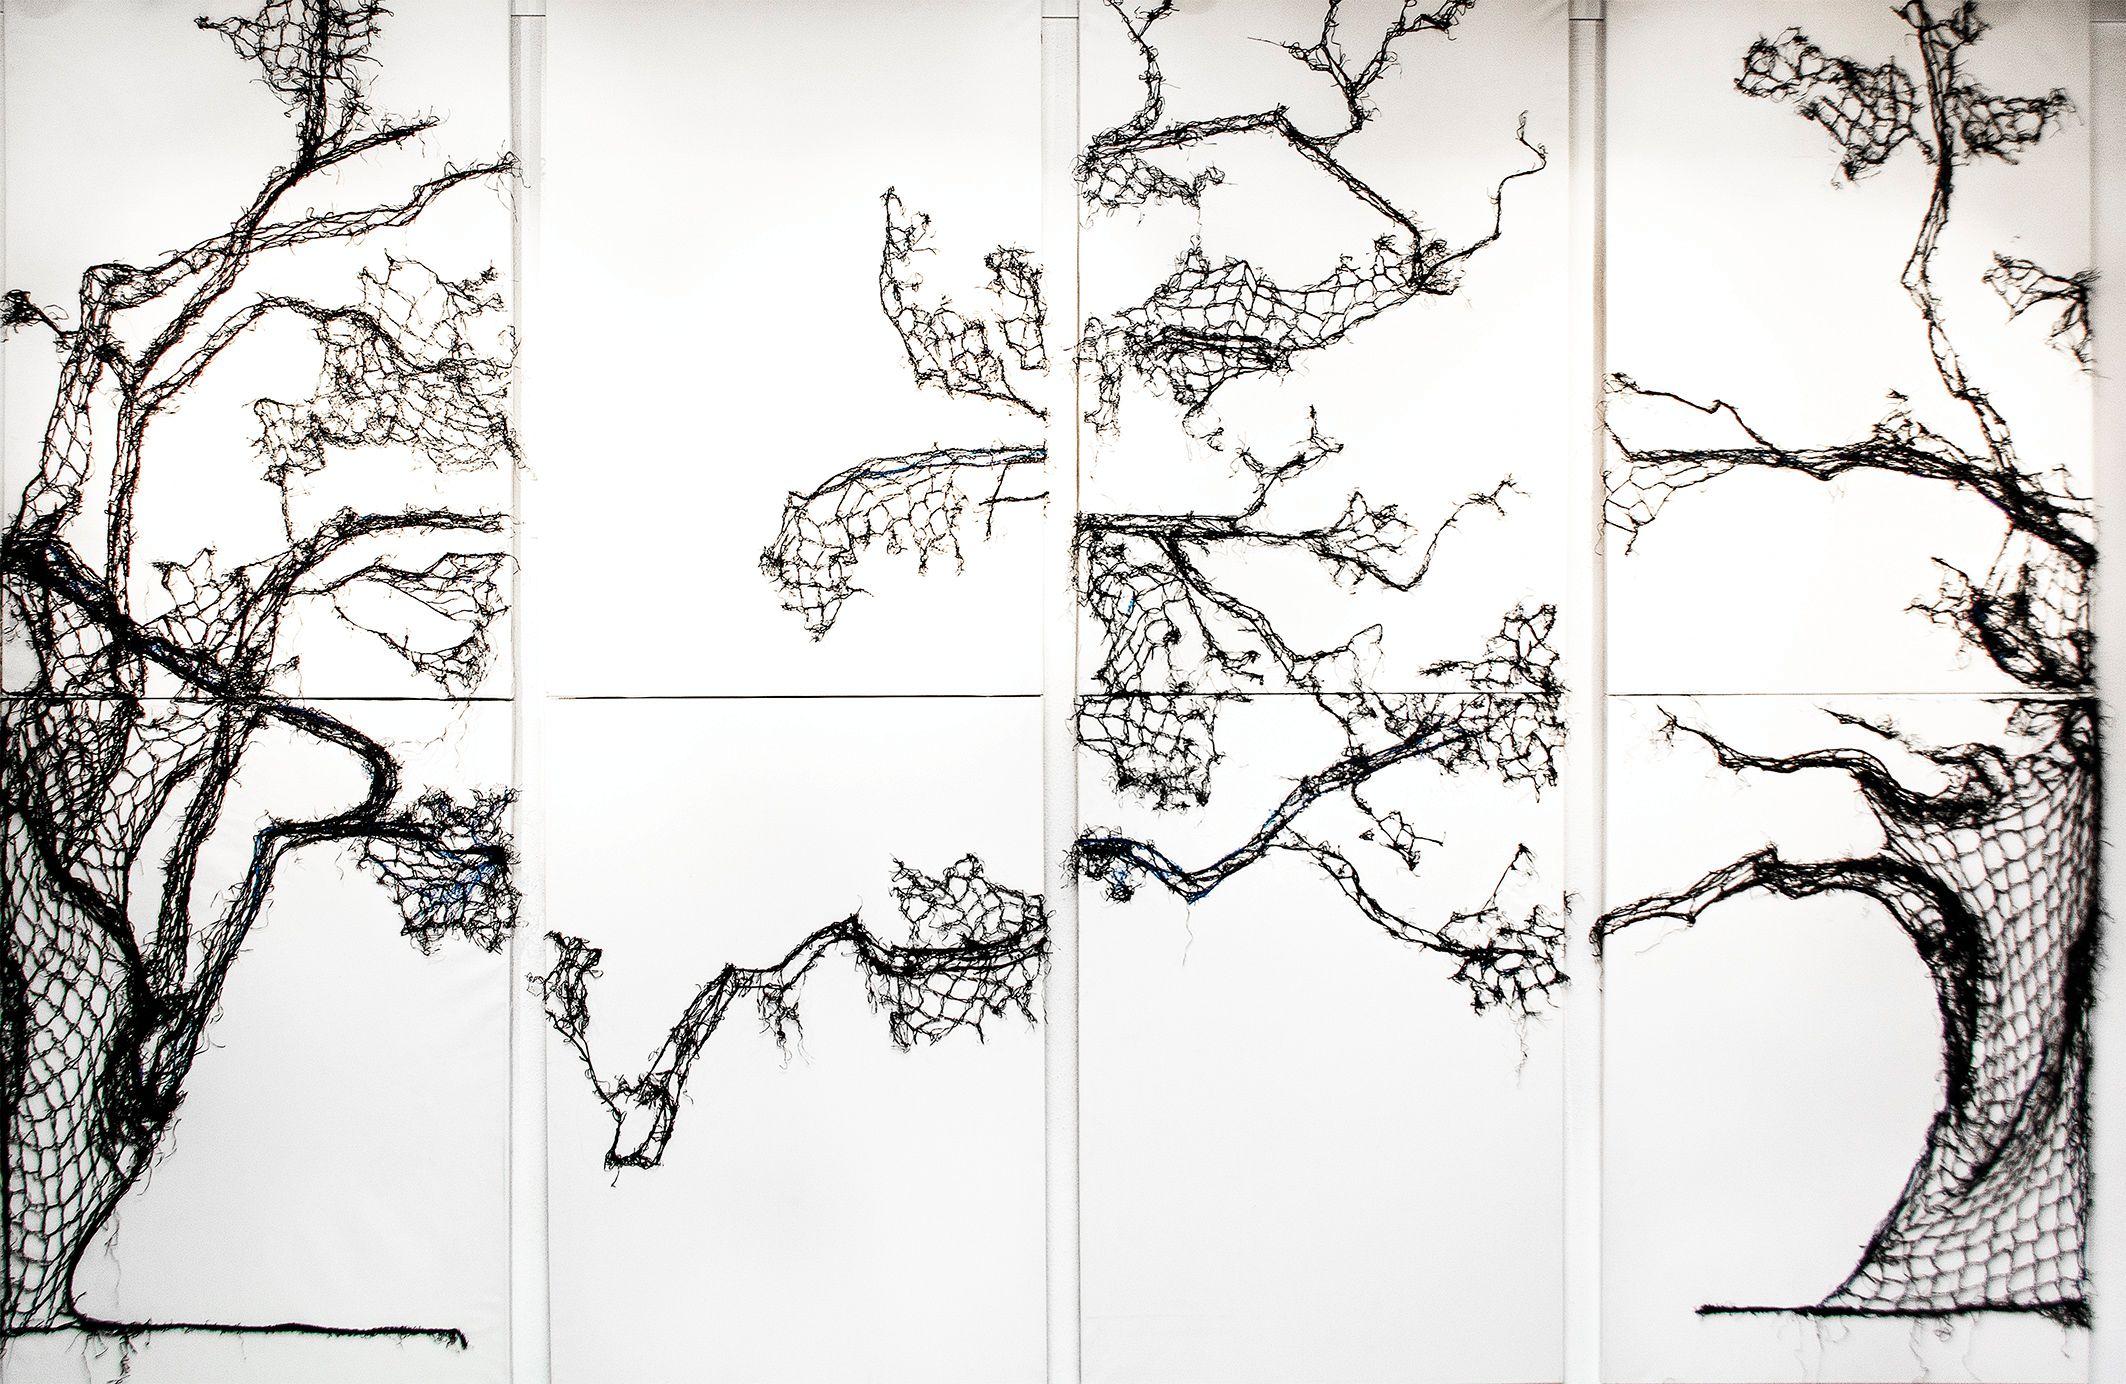 © Eva Bakalar der Baum/2016/ 8 Bilder/ 2016/ Christbaumnetz aufgenäht auf Leinwand, variabel   ca. 200x280 cm